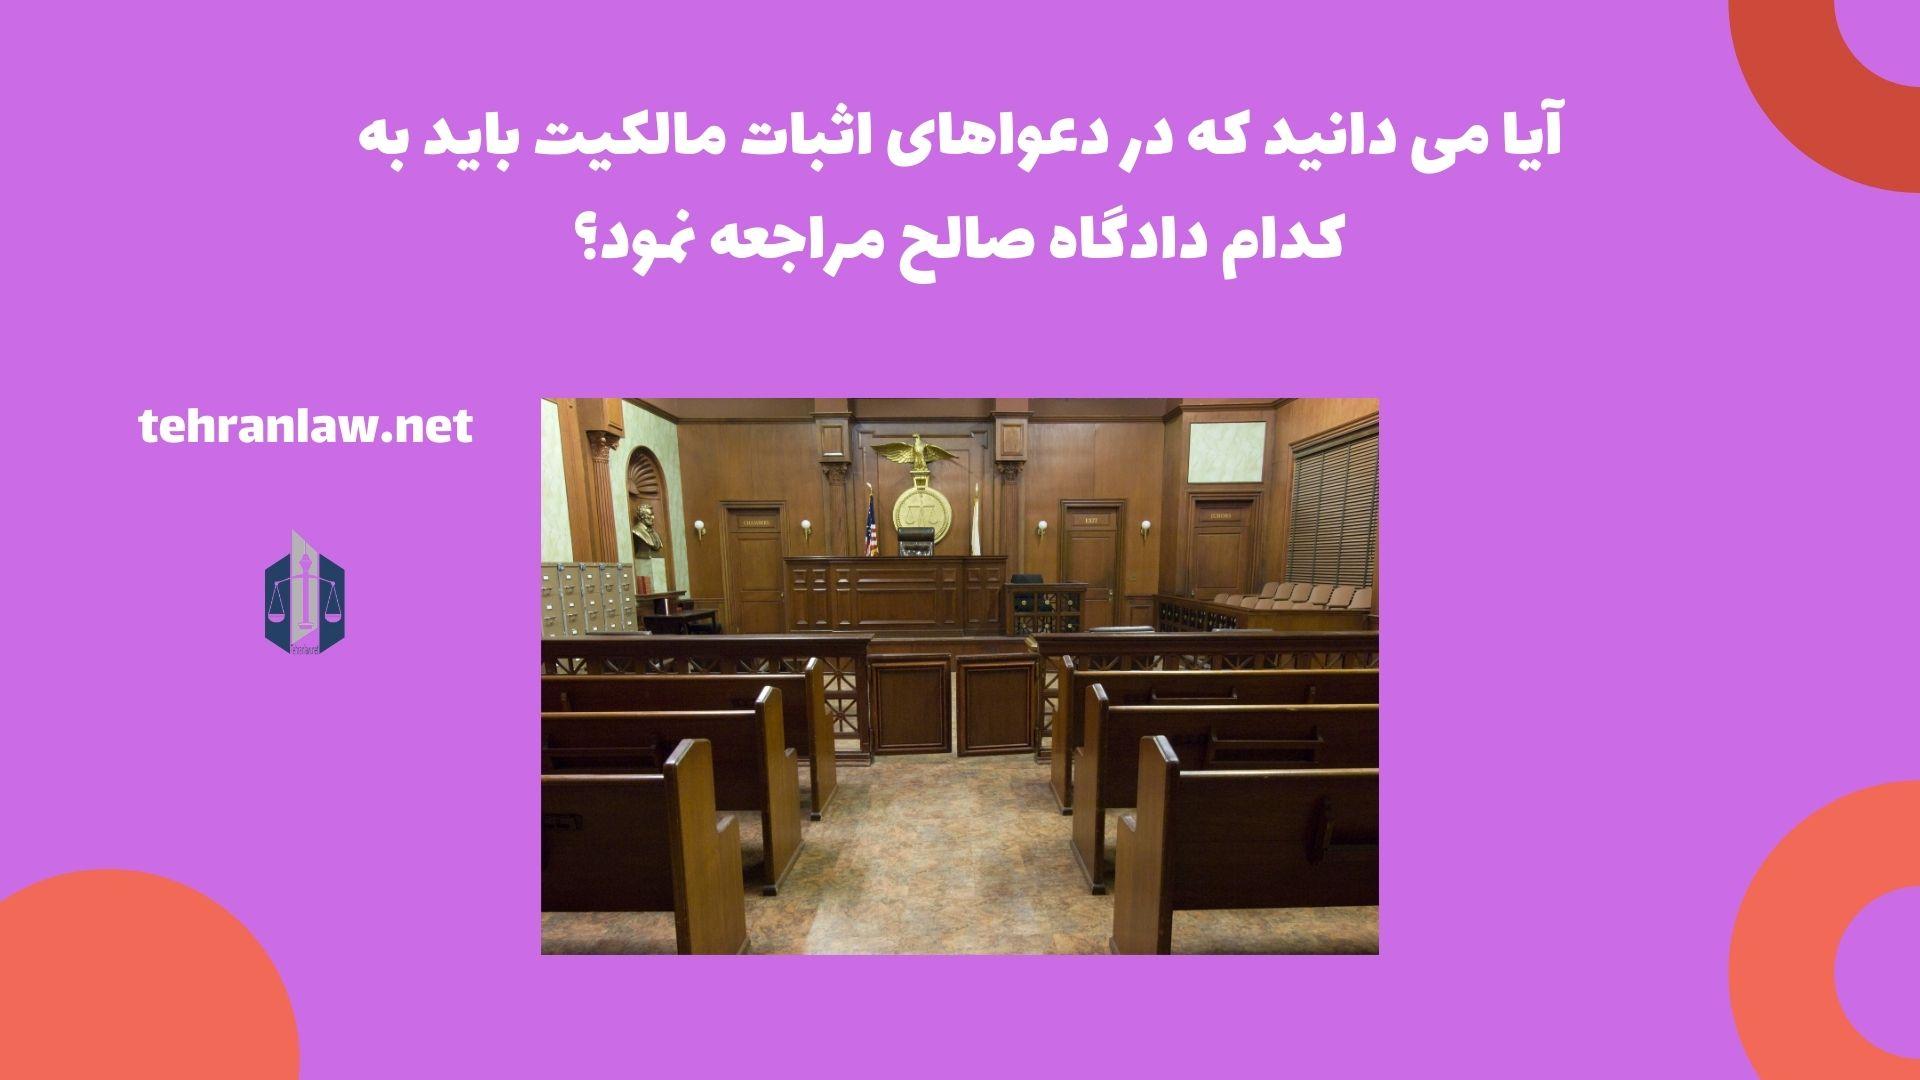 آیا می دانید که در دعواهای اثبات مالکیت با کدام دادگاه صالح مراجعه نمود؟